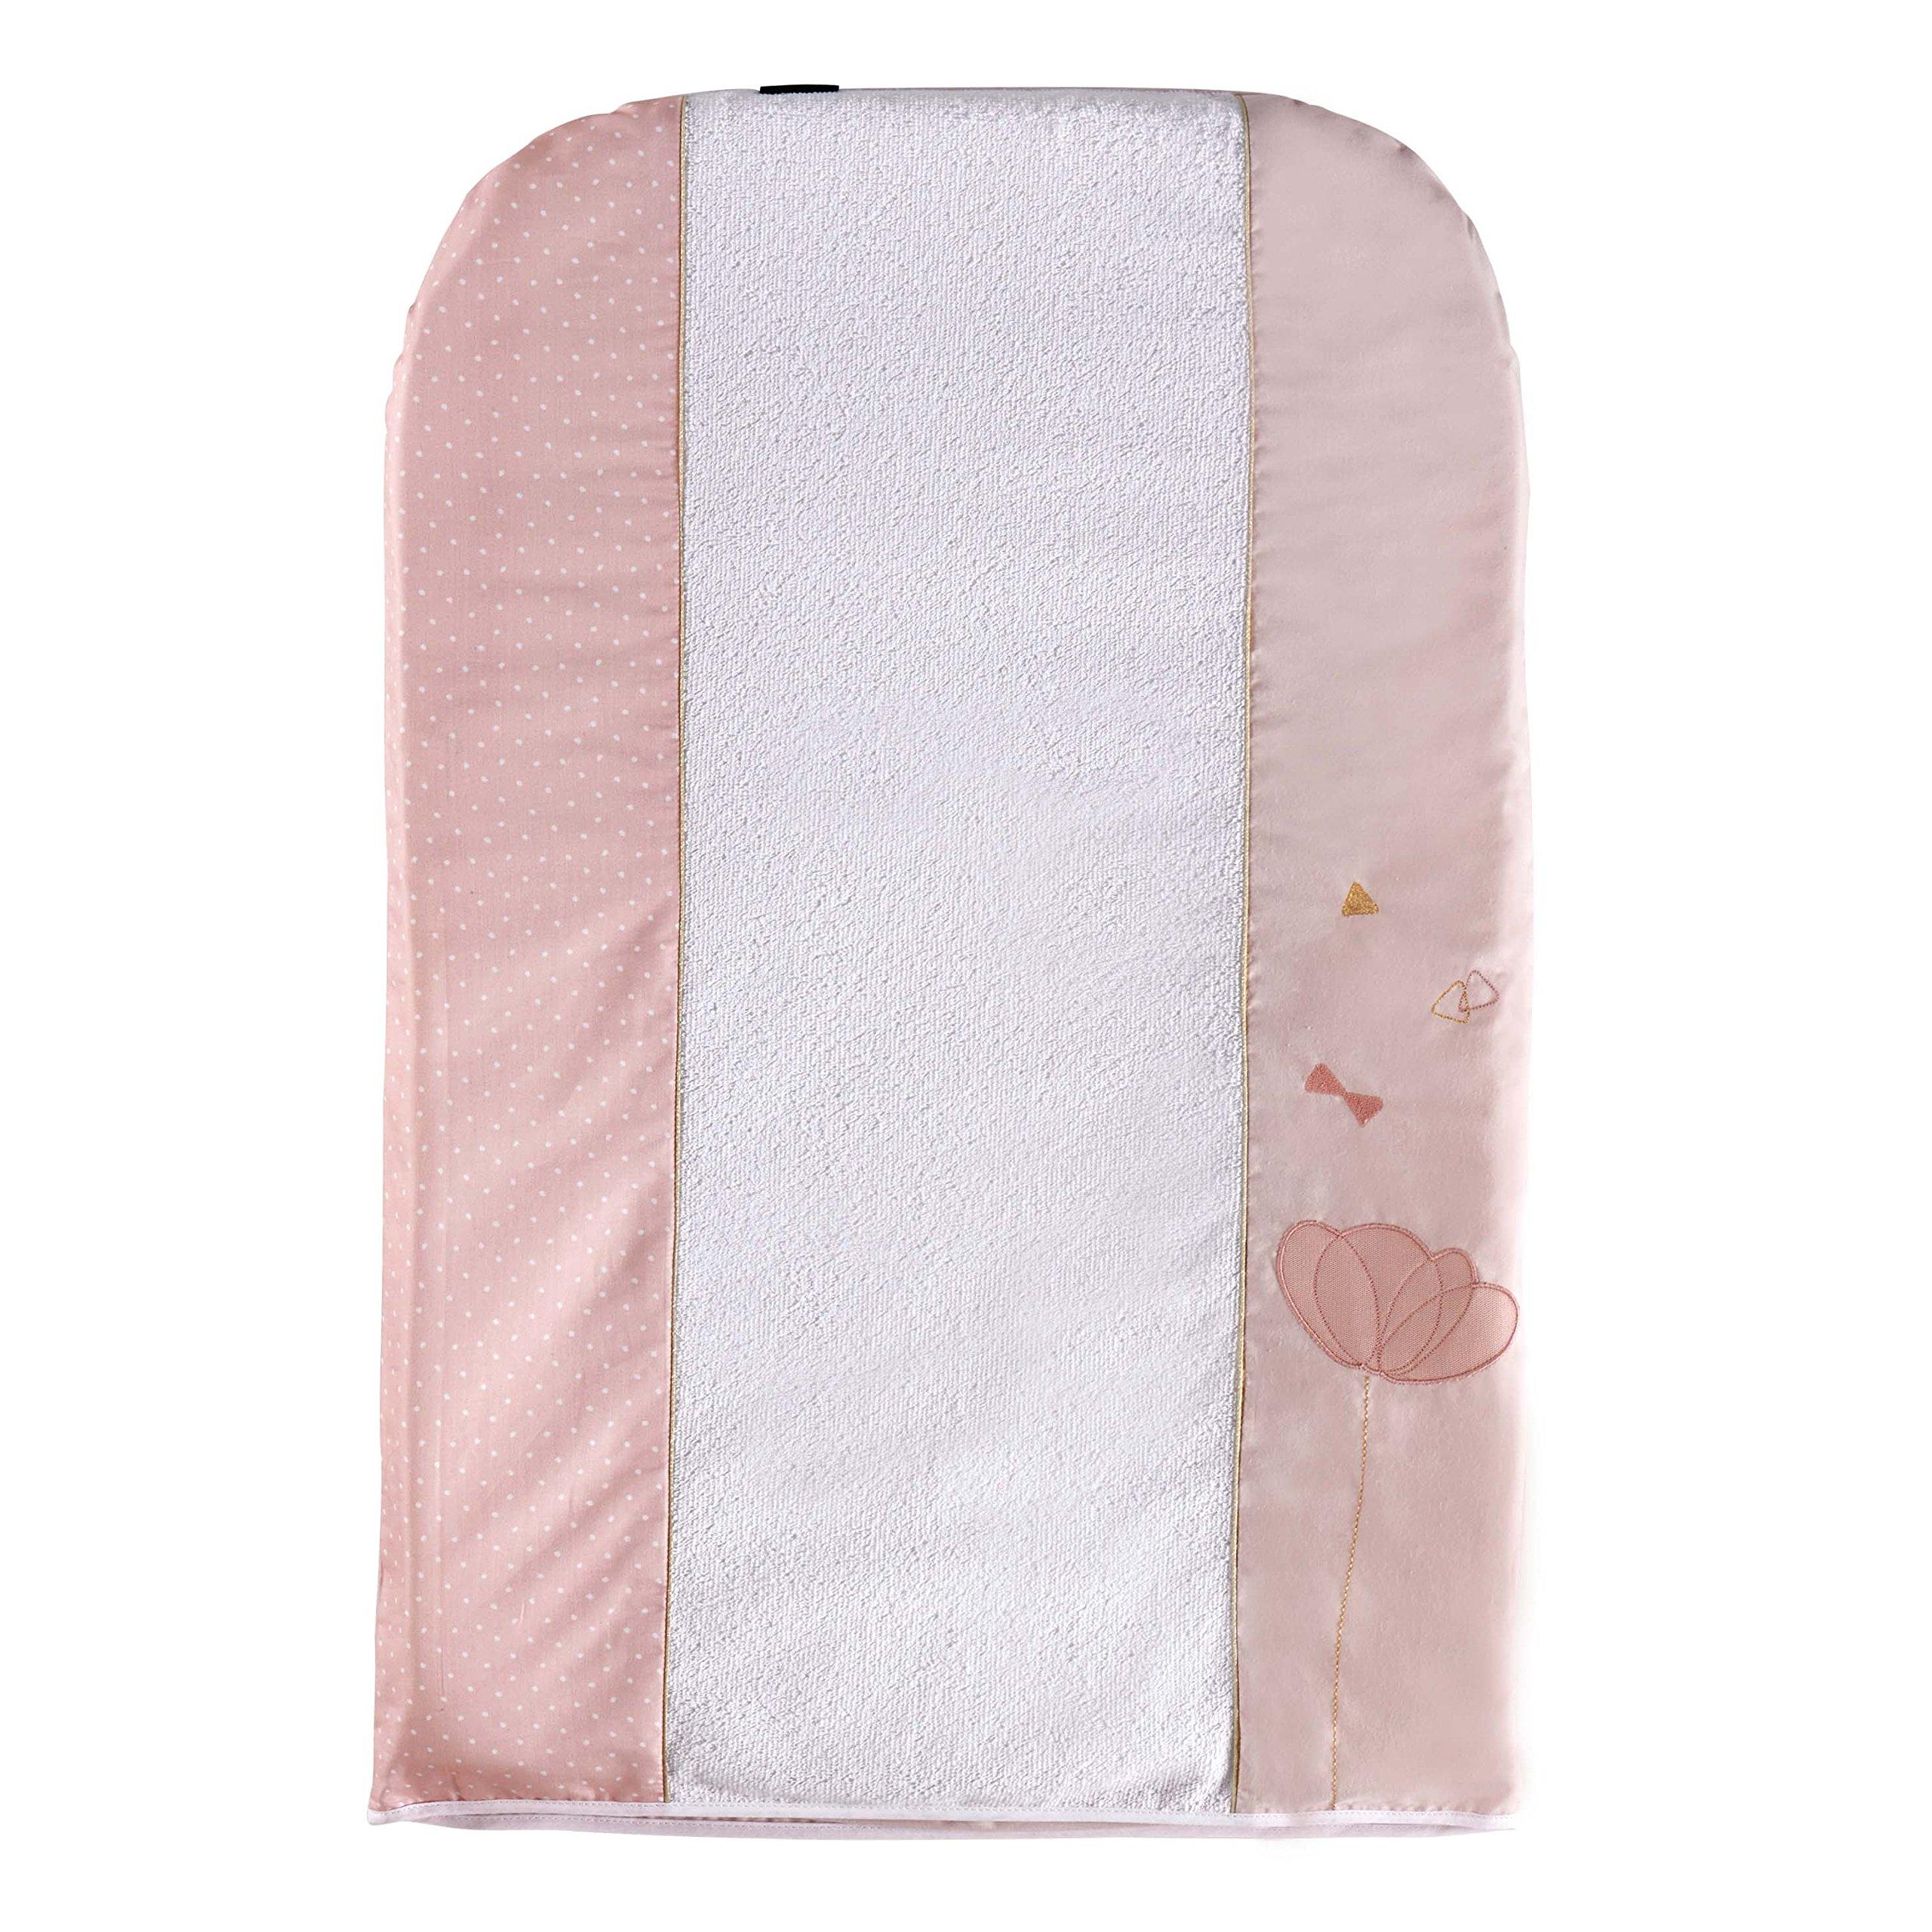 Candide 154670.0�Materassino per fasciatoio in PVC, colore: rosa